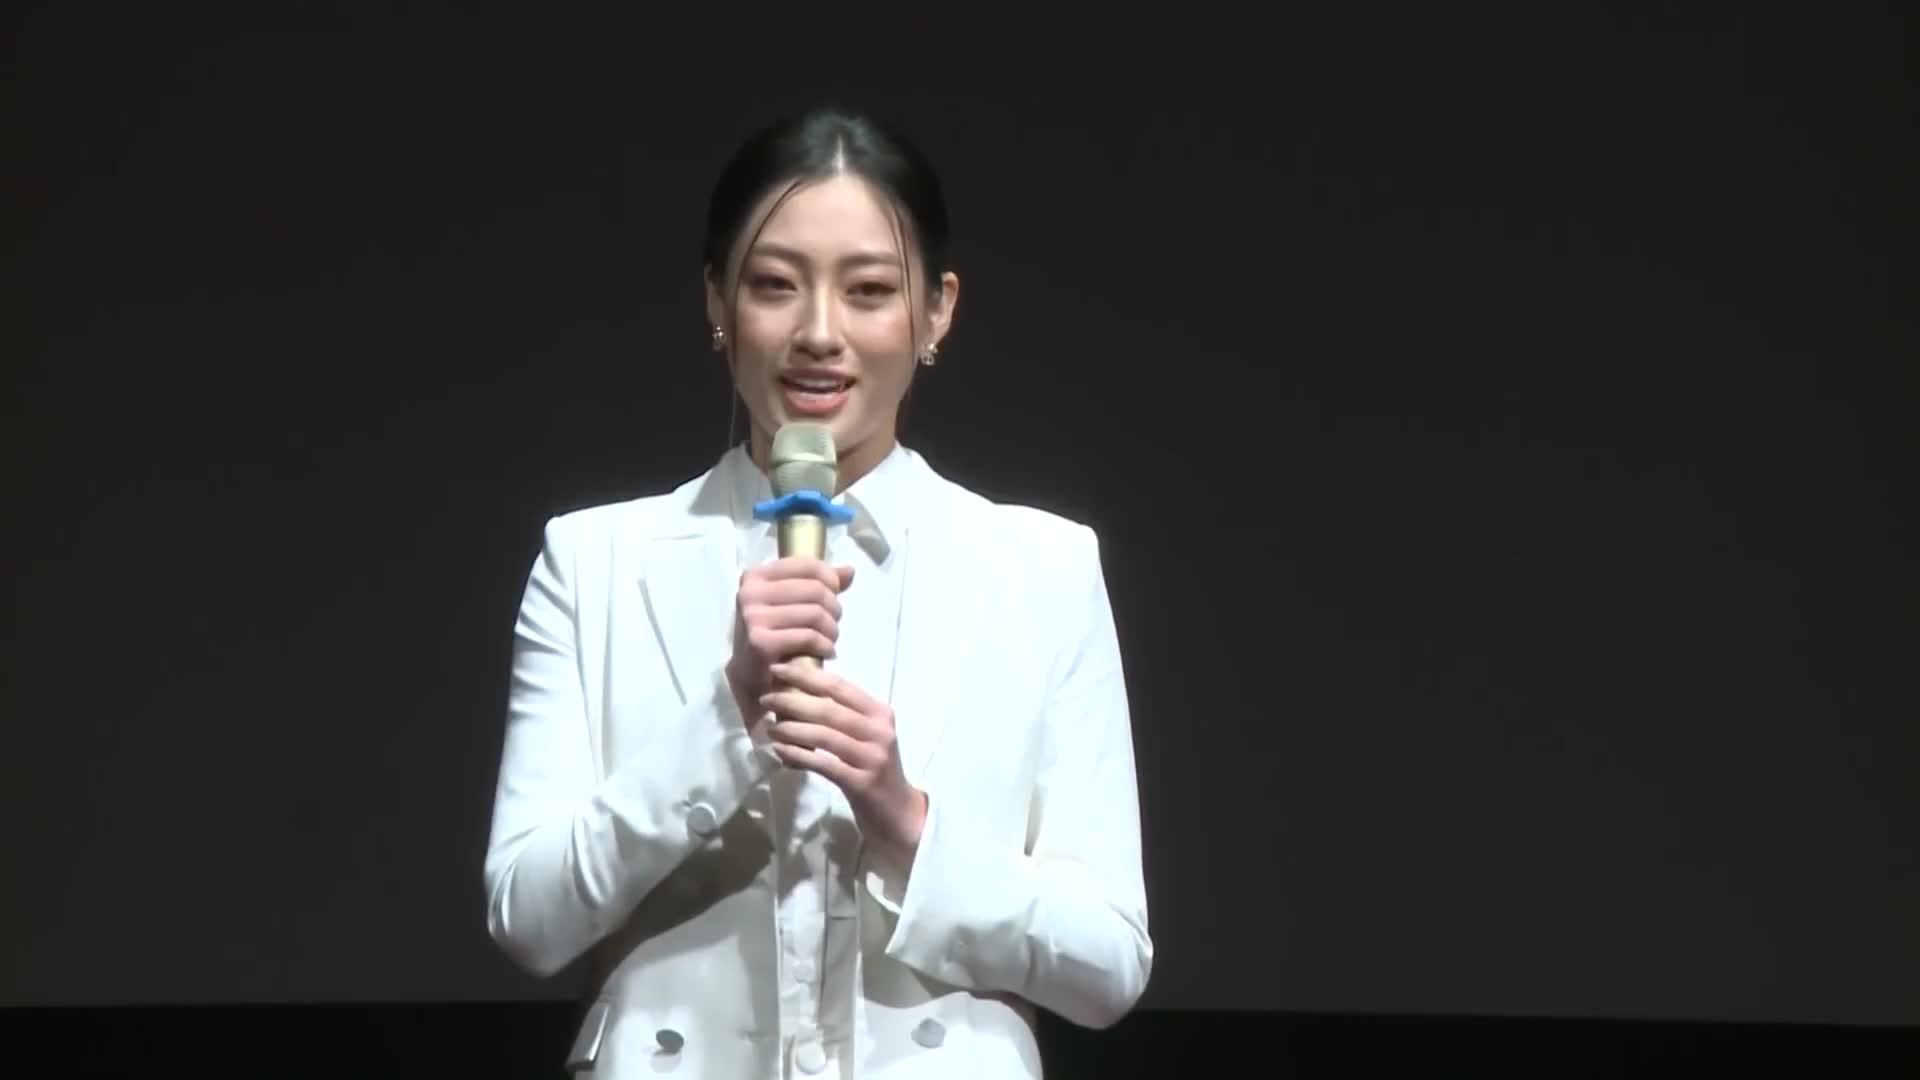 Hoa hậu Lương Thùy Linh diễn thuyết bằng Tiếng Anh